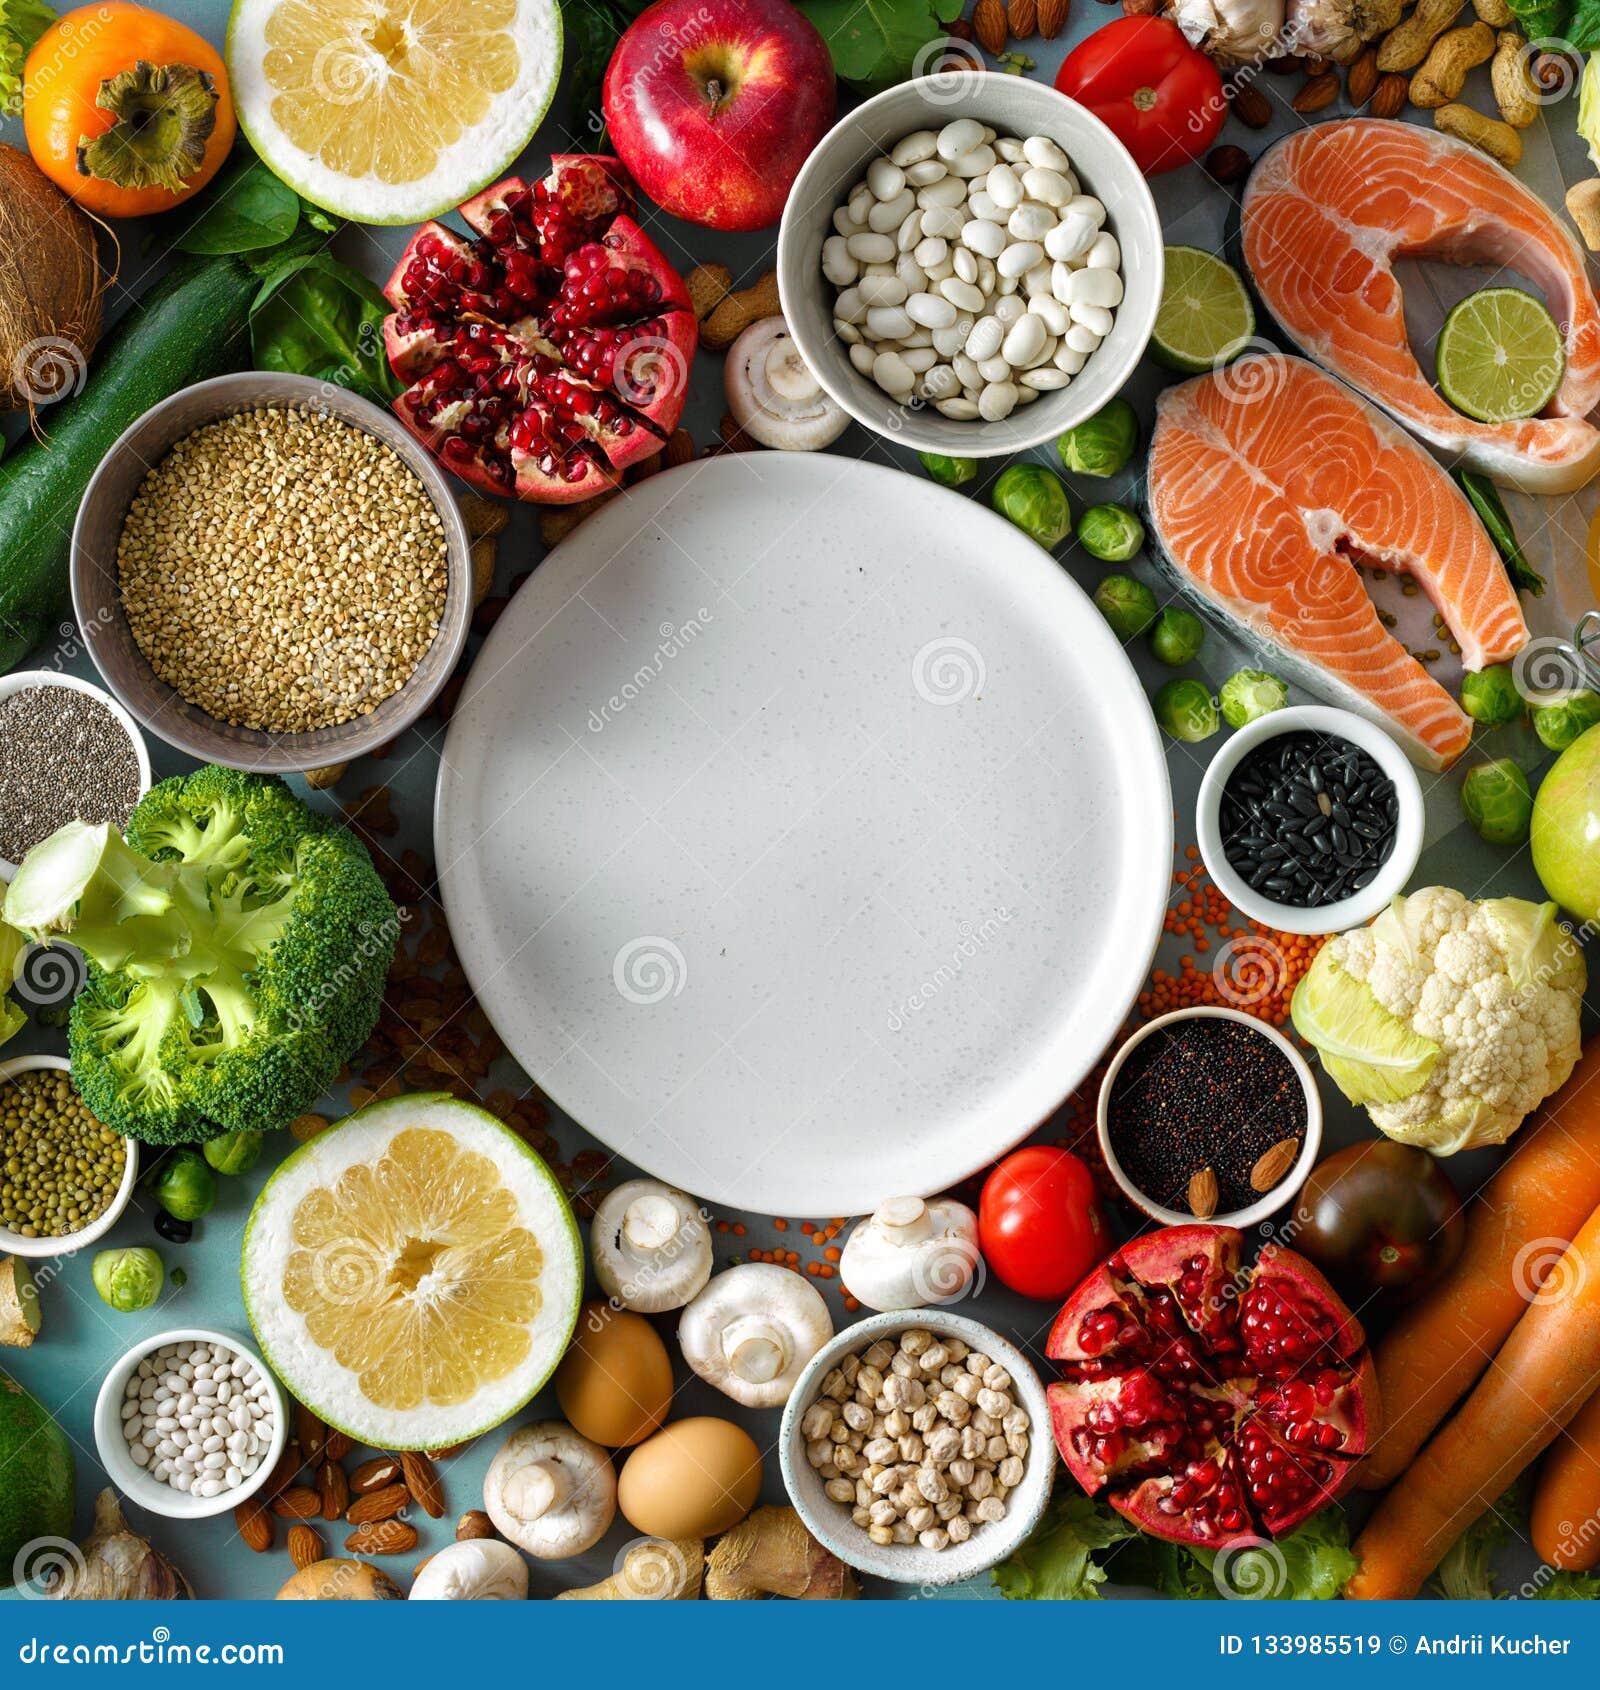 restaurant diet plate menu